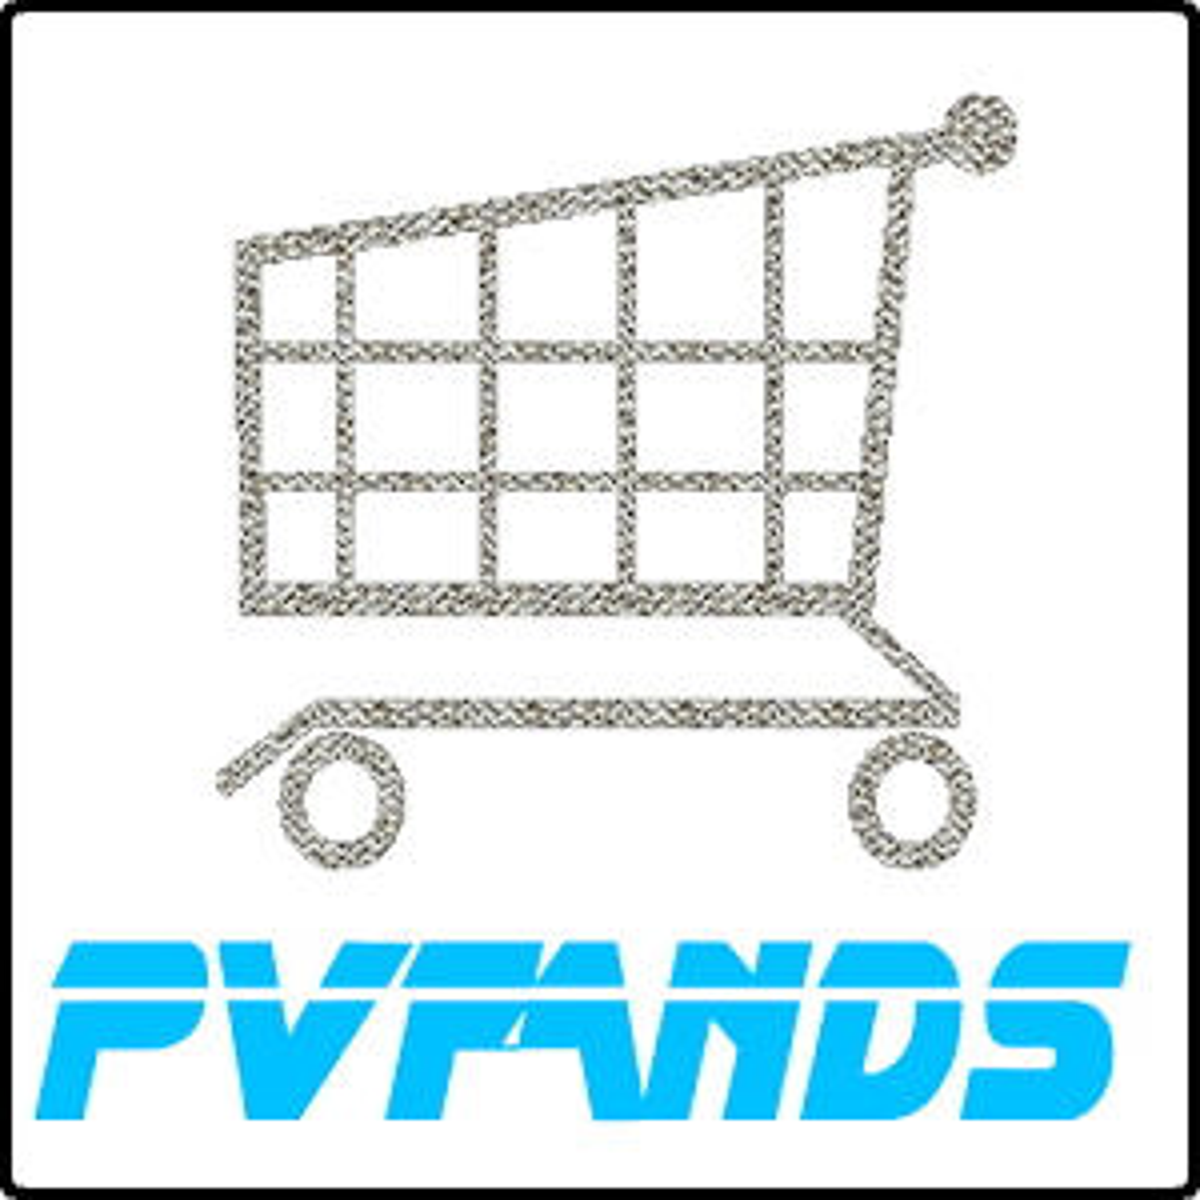 PVFANDS 1